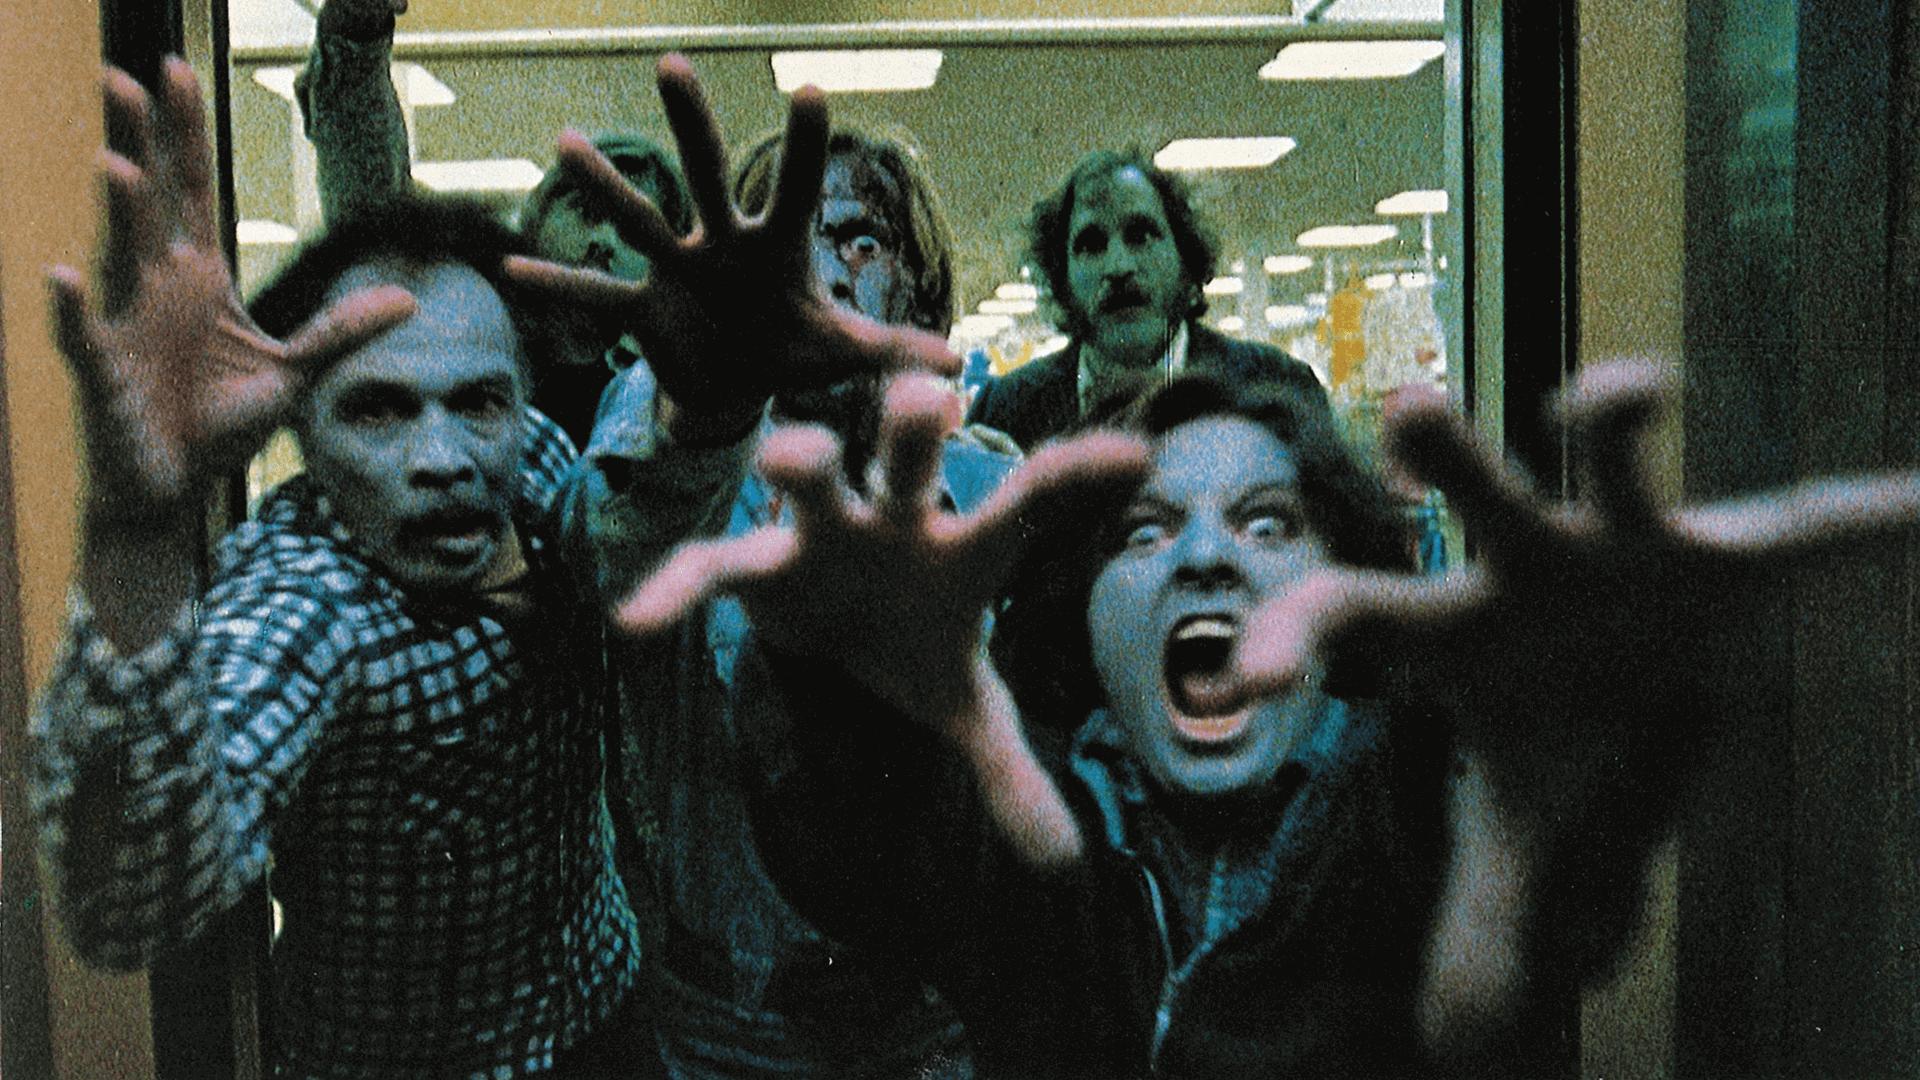 『ゾンビ』公開から40年、今でも鮮明な恐怖と絶望。ジョージ・A・ロメロ監督